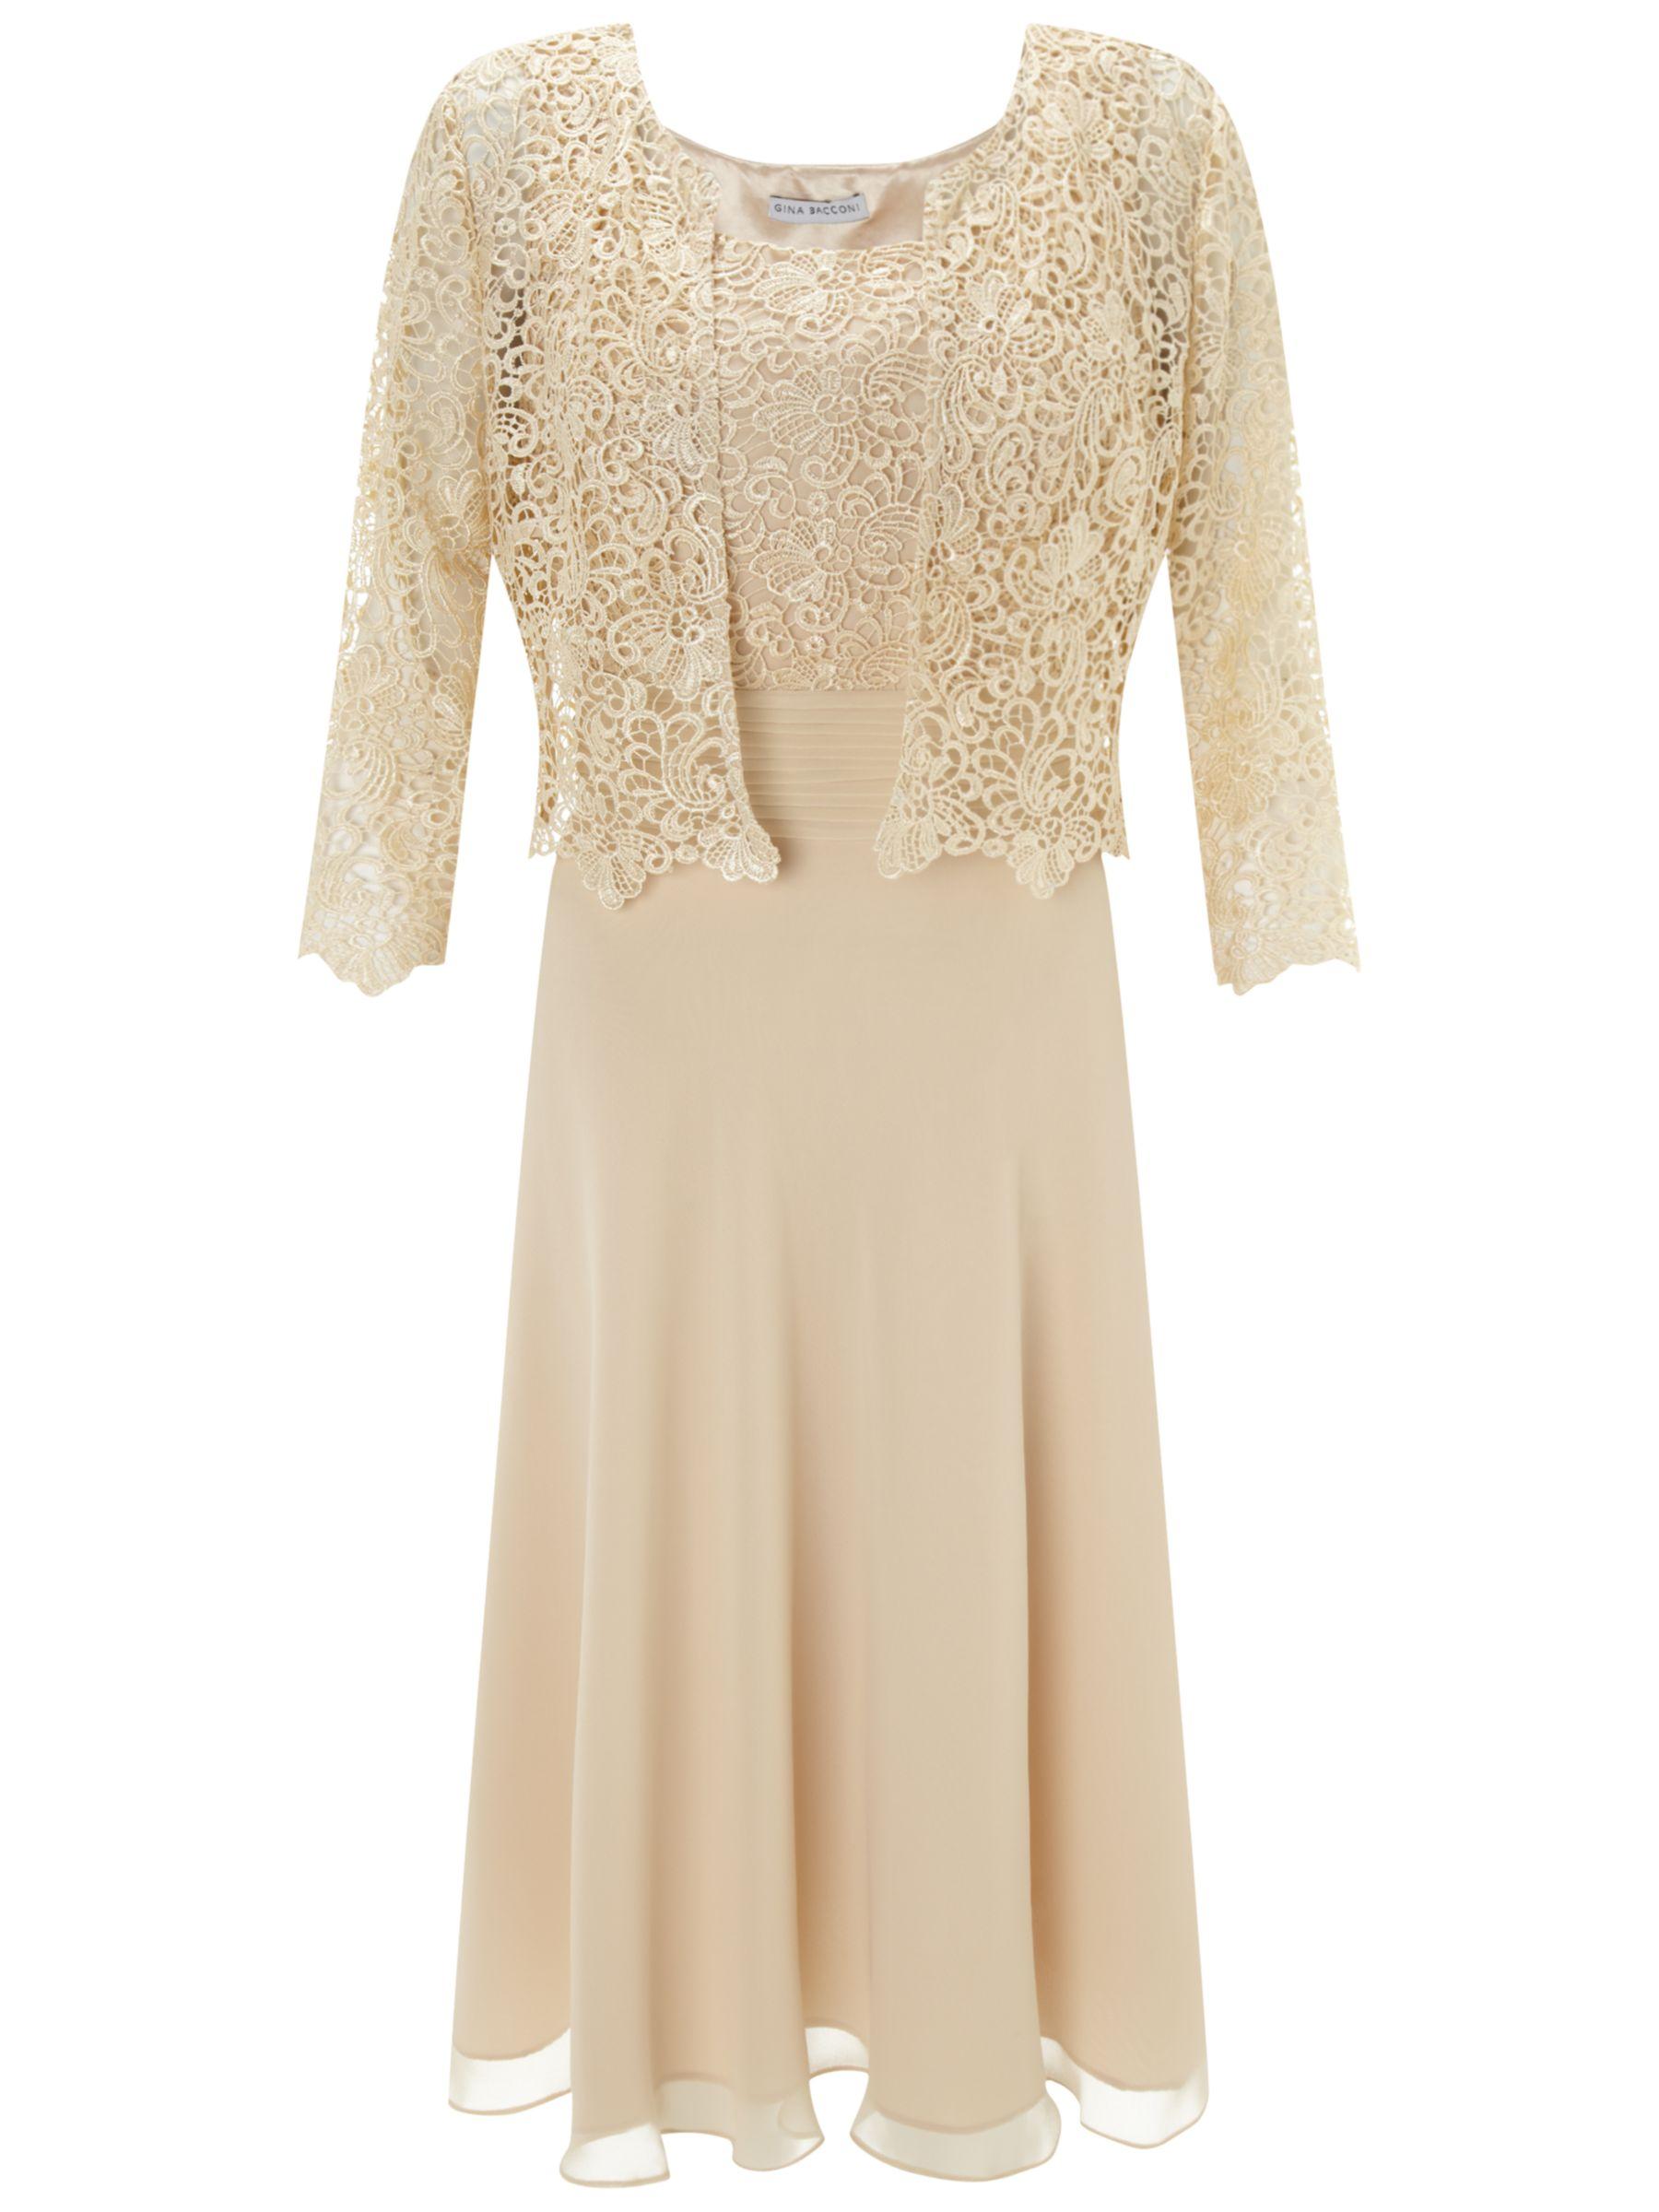 Gina Bacconi Chiffon Pleated Bodice Dress, Beige